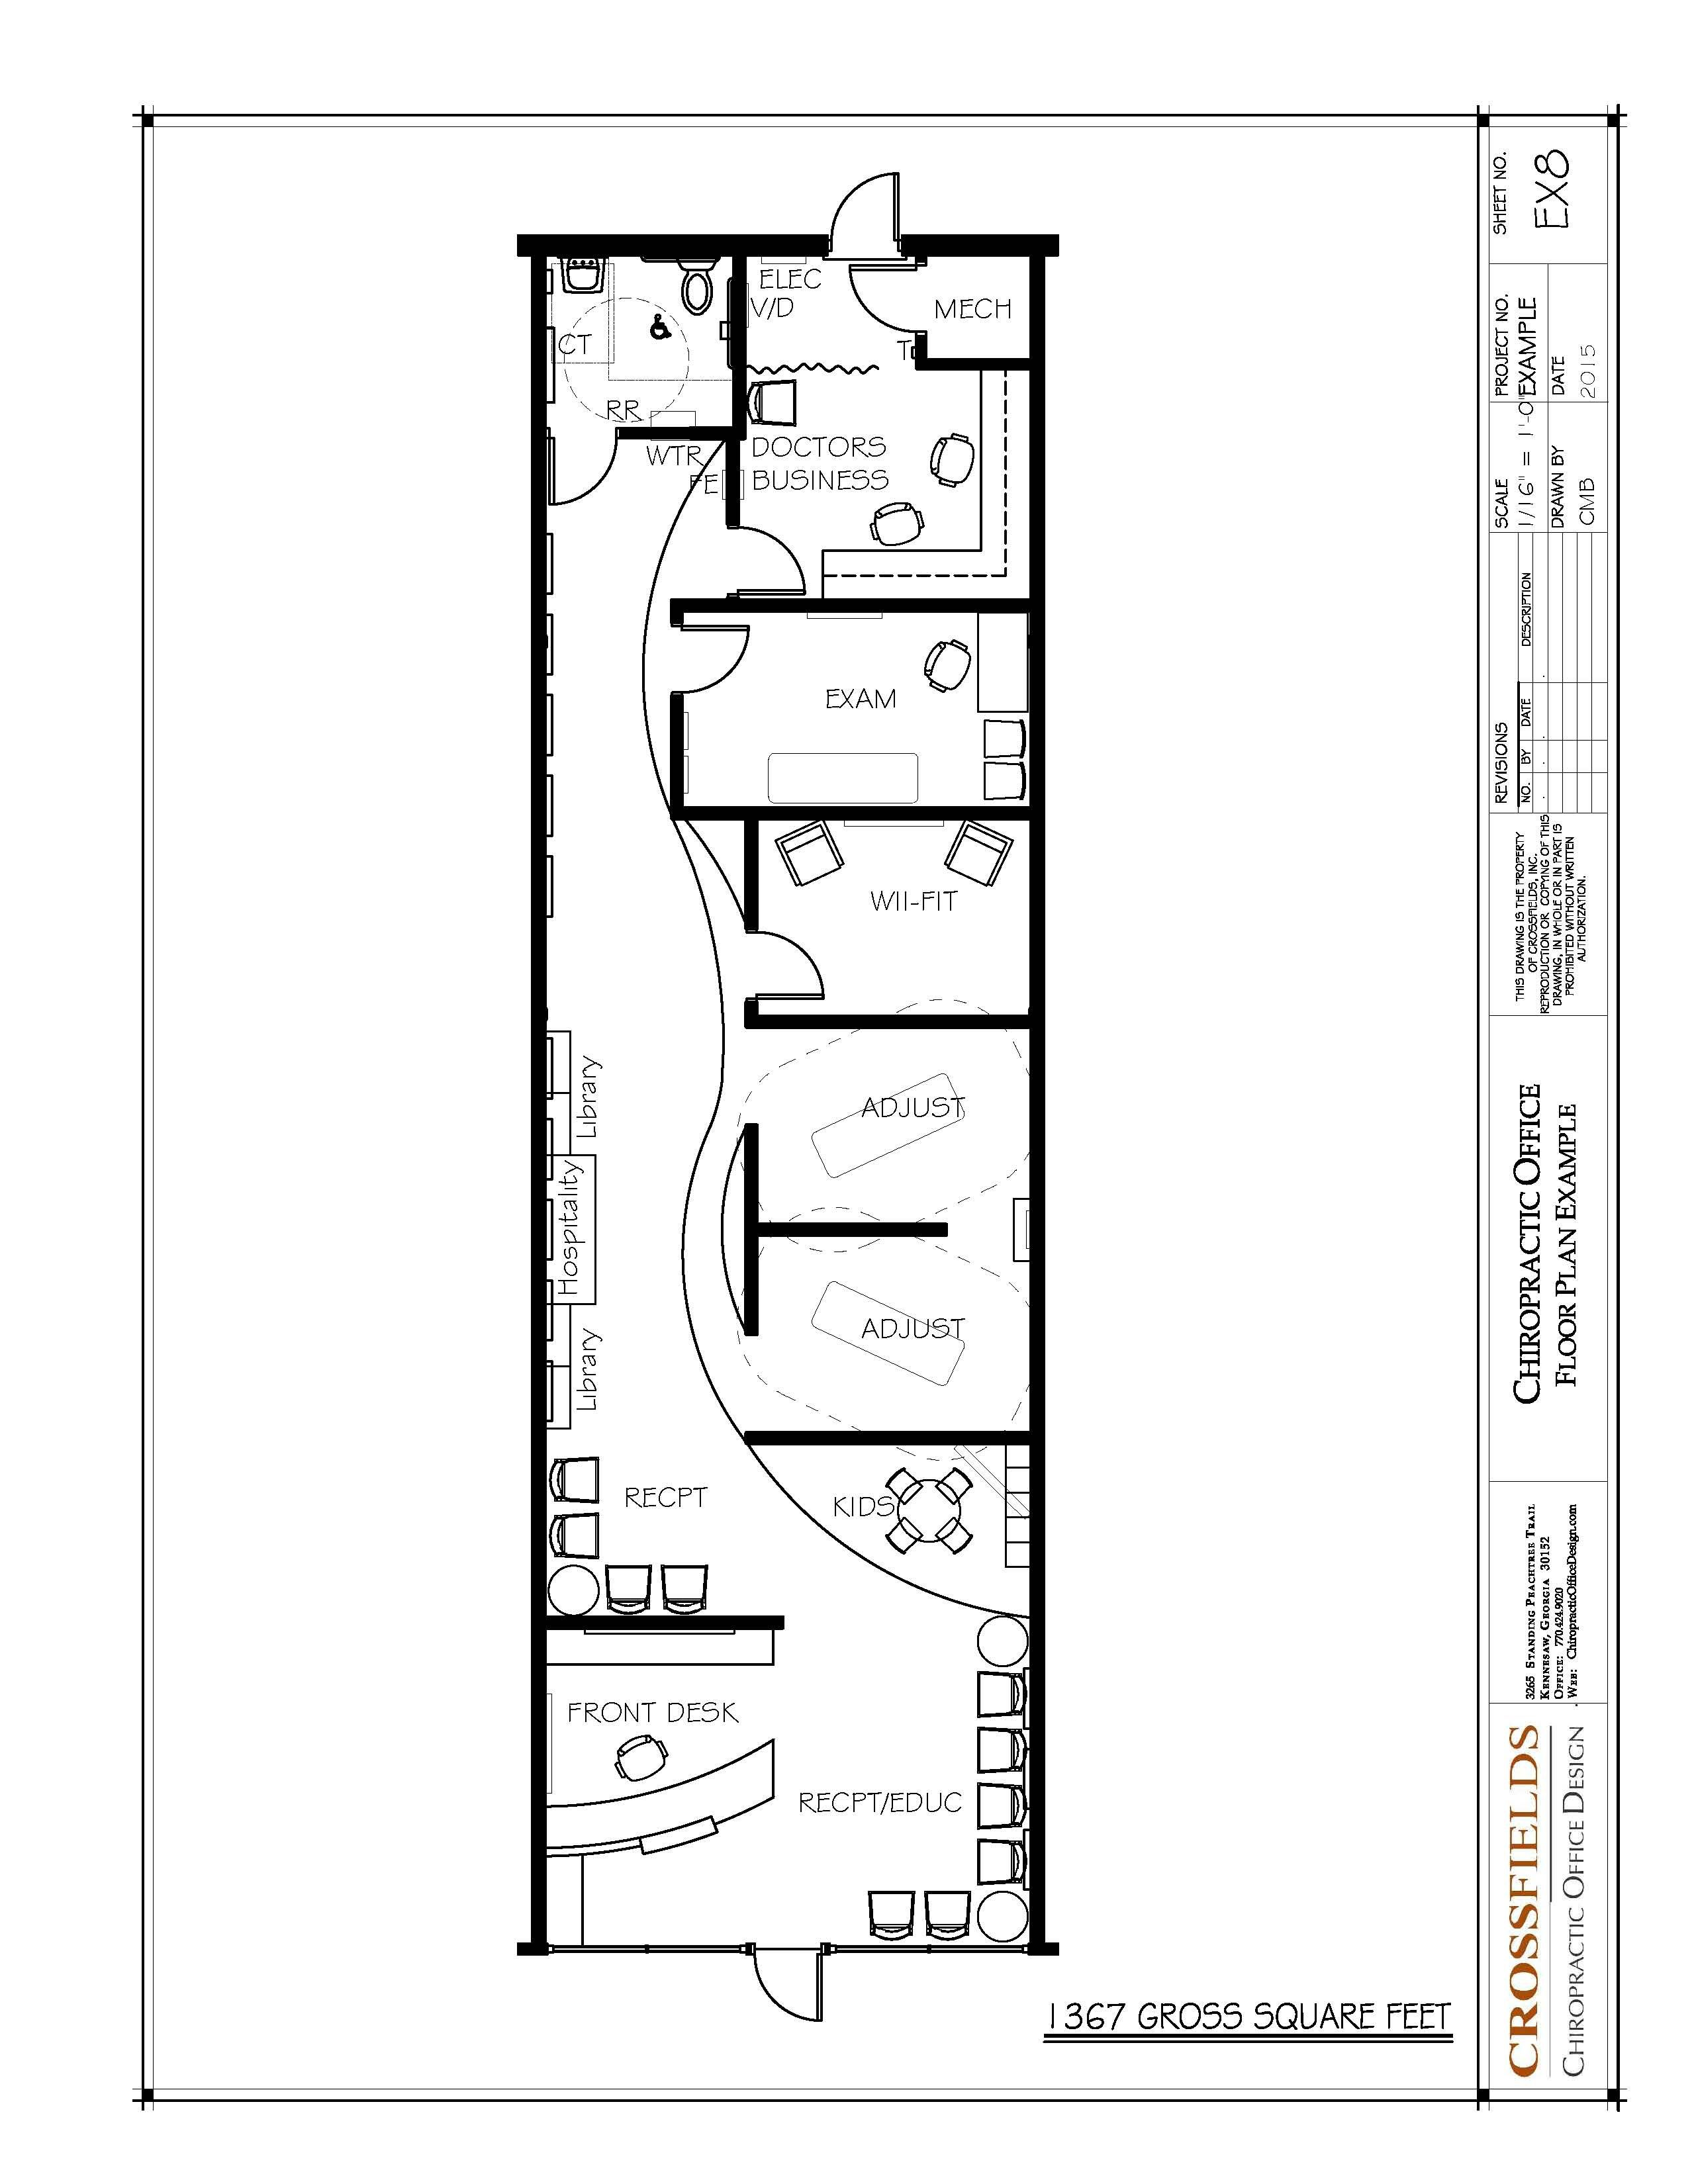 Chiropractic floor plan semi open adjusting retail start up space 1367 gross sq